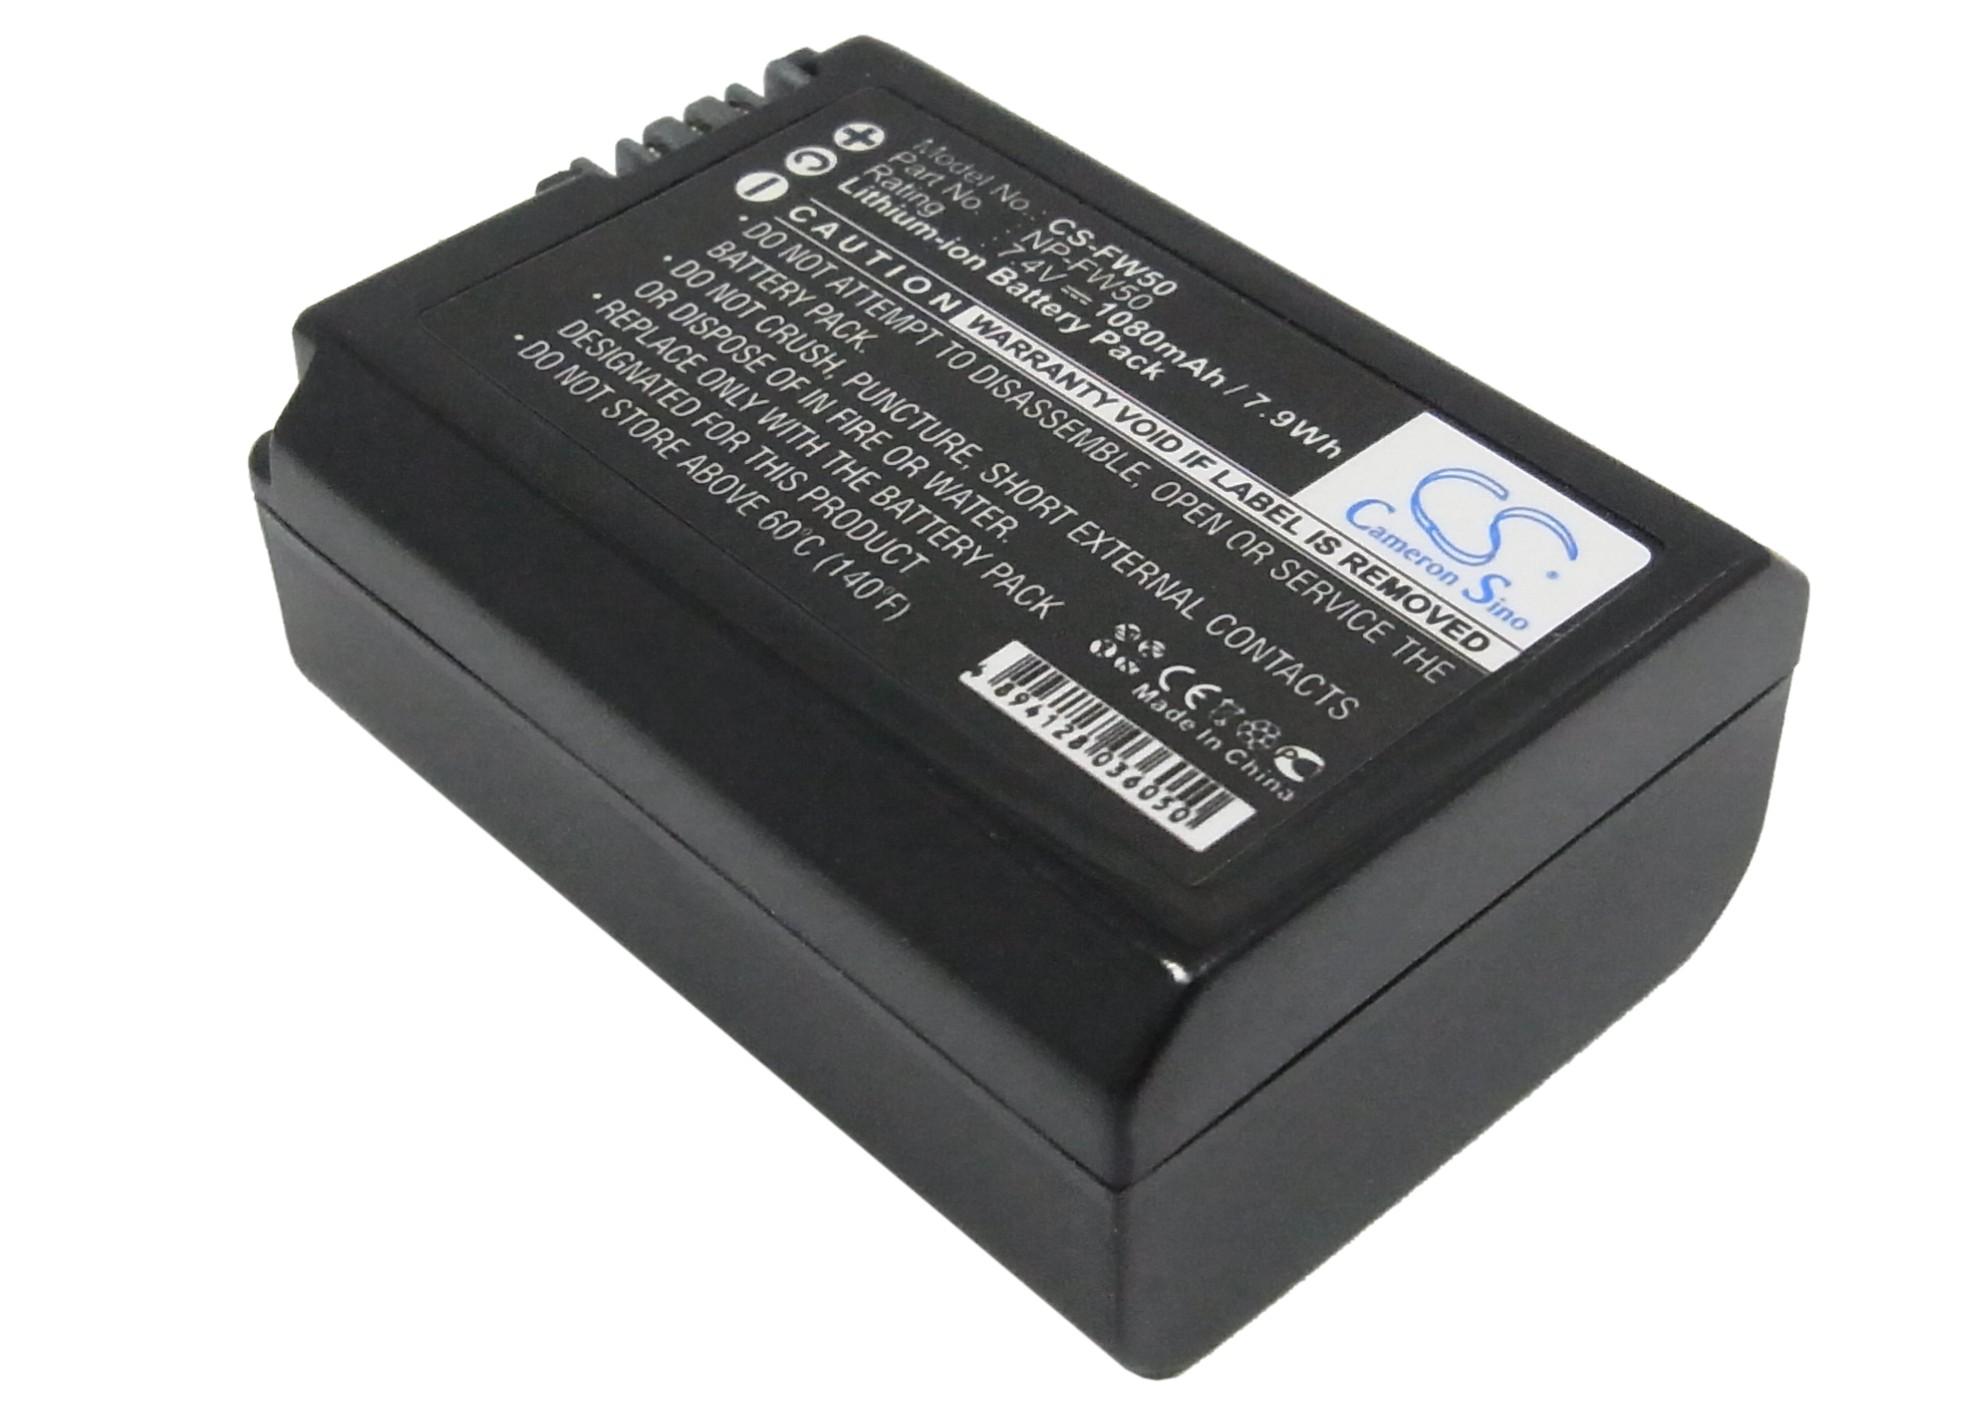 Cameron Sino baterie do kamer a fotoaparátů pro SONY NEX-5ND 7.4V Li-ion 1080mAh černá - neoriginální